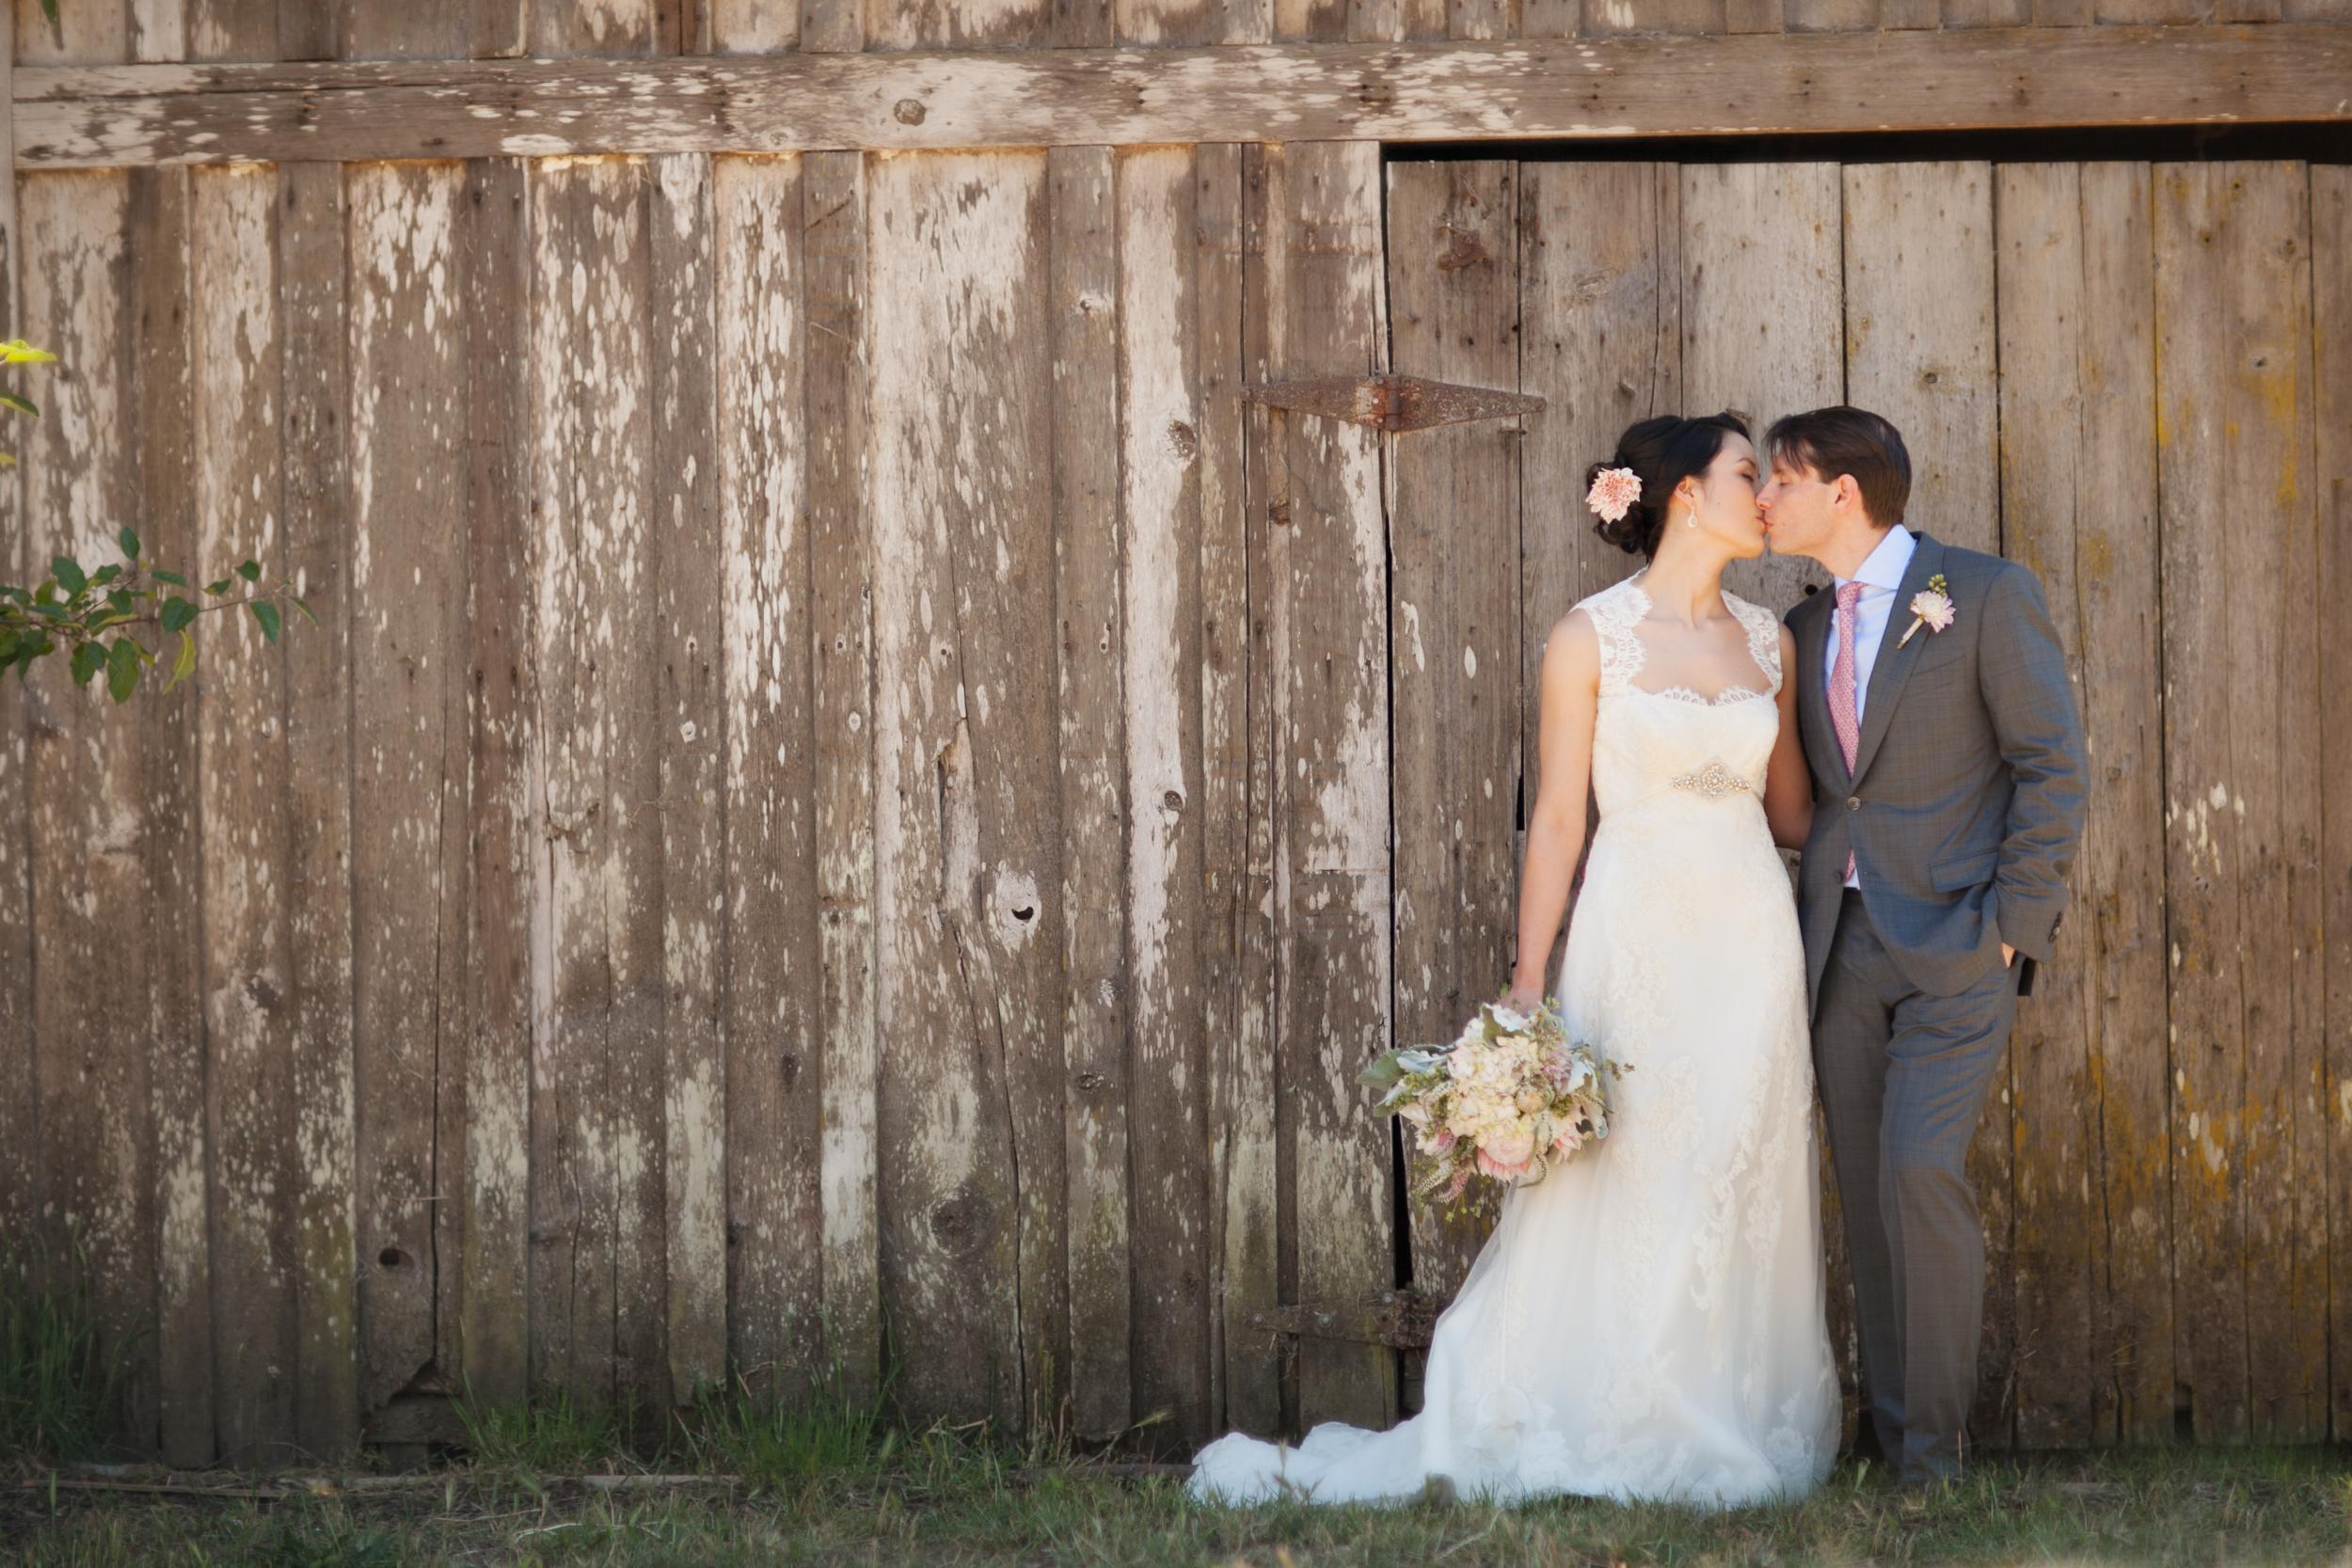 Farm-Wedding-Bride-Groom-Bouquet.jpg